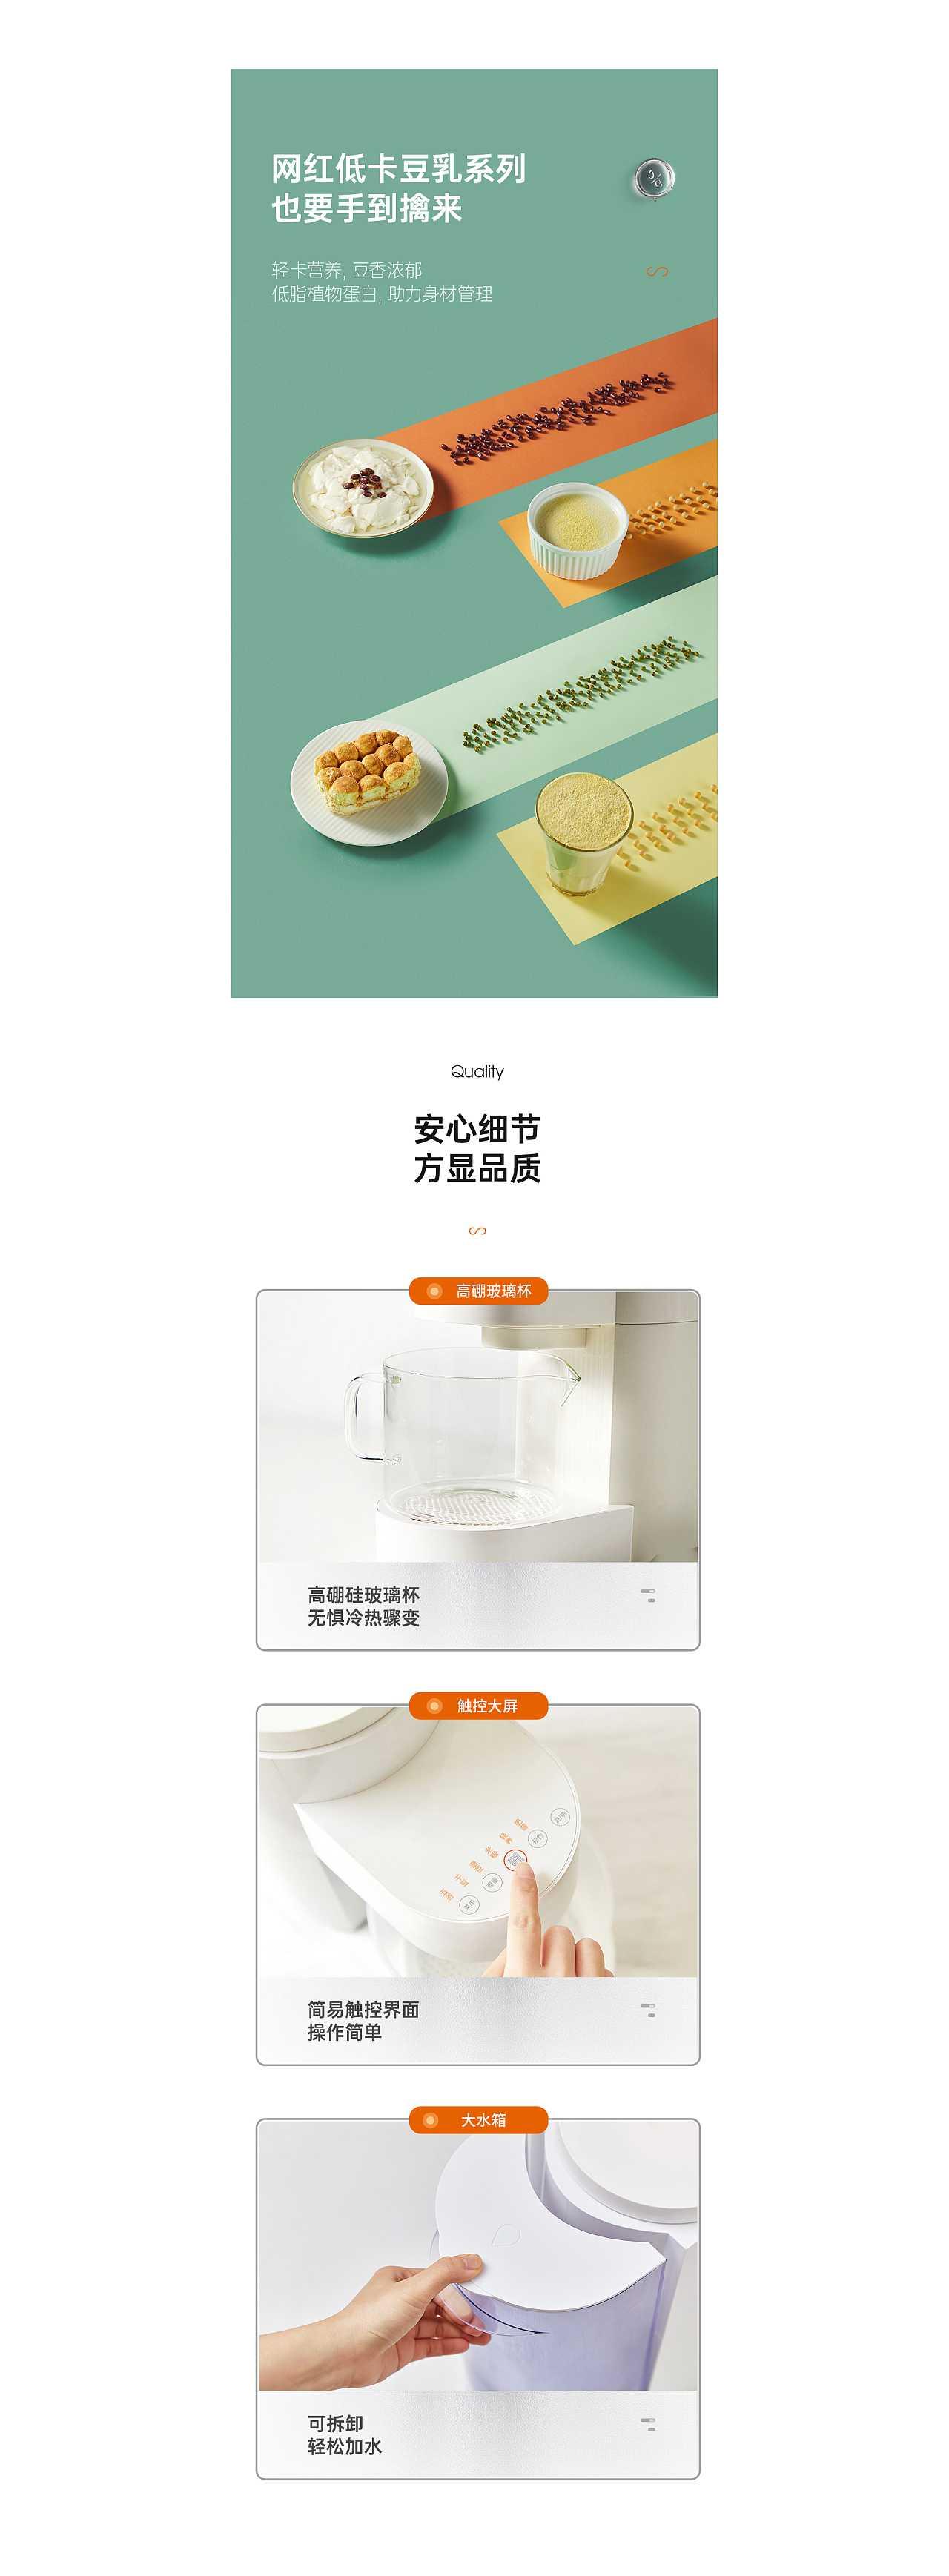 九阳豆浆机/饭煲/火锅详情分享